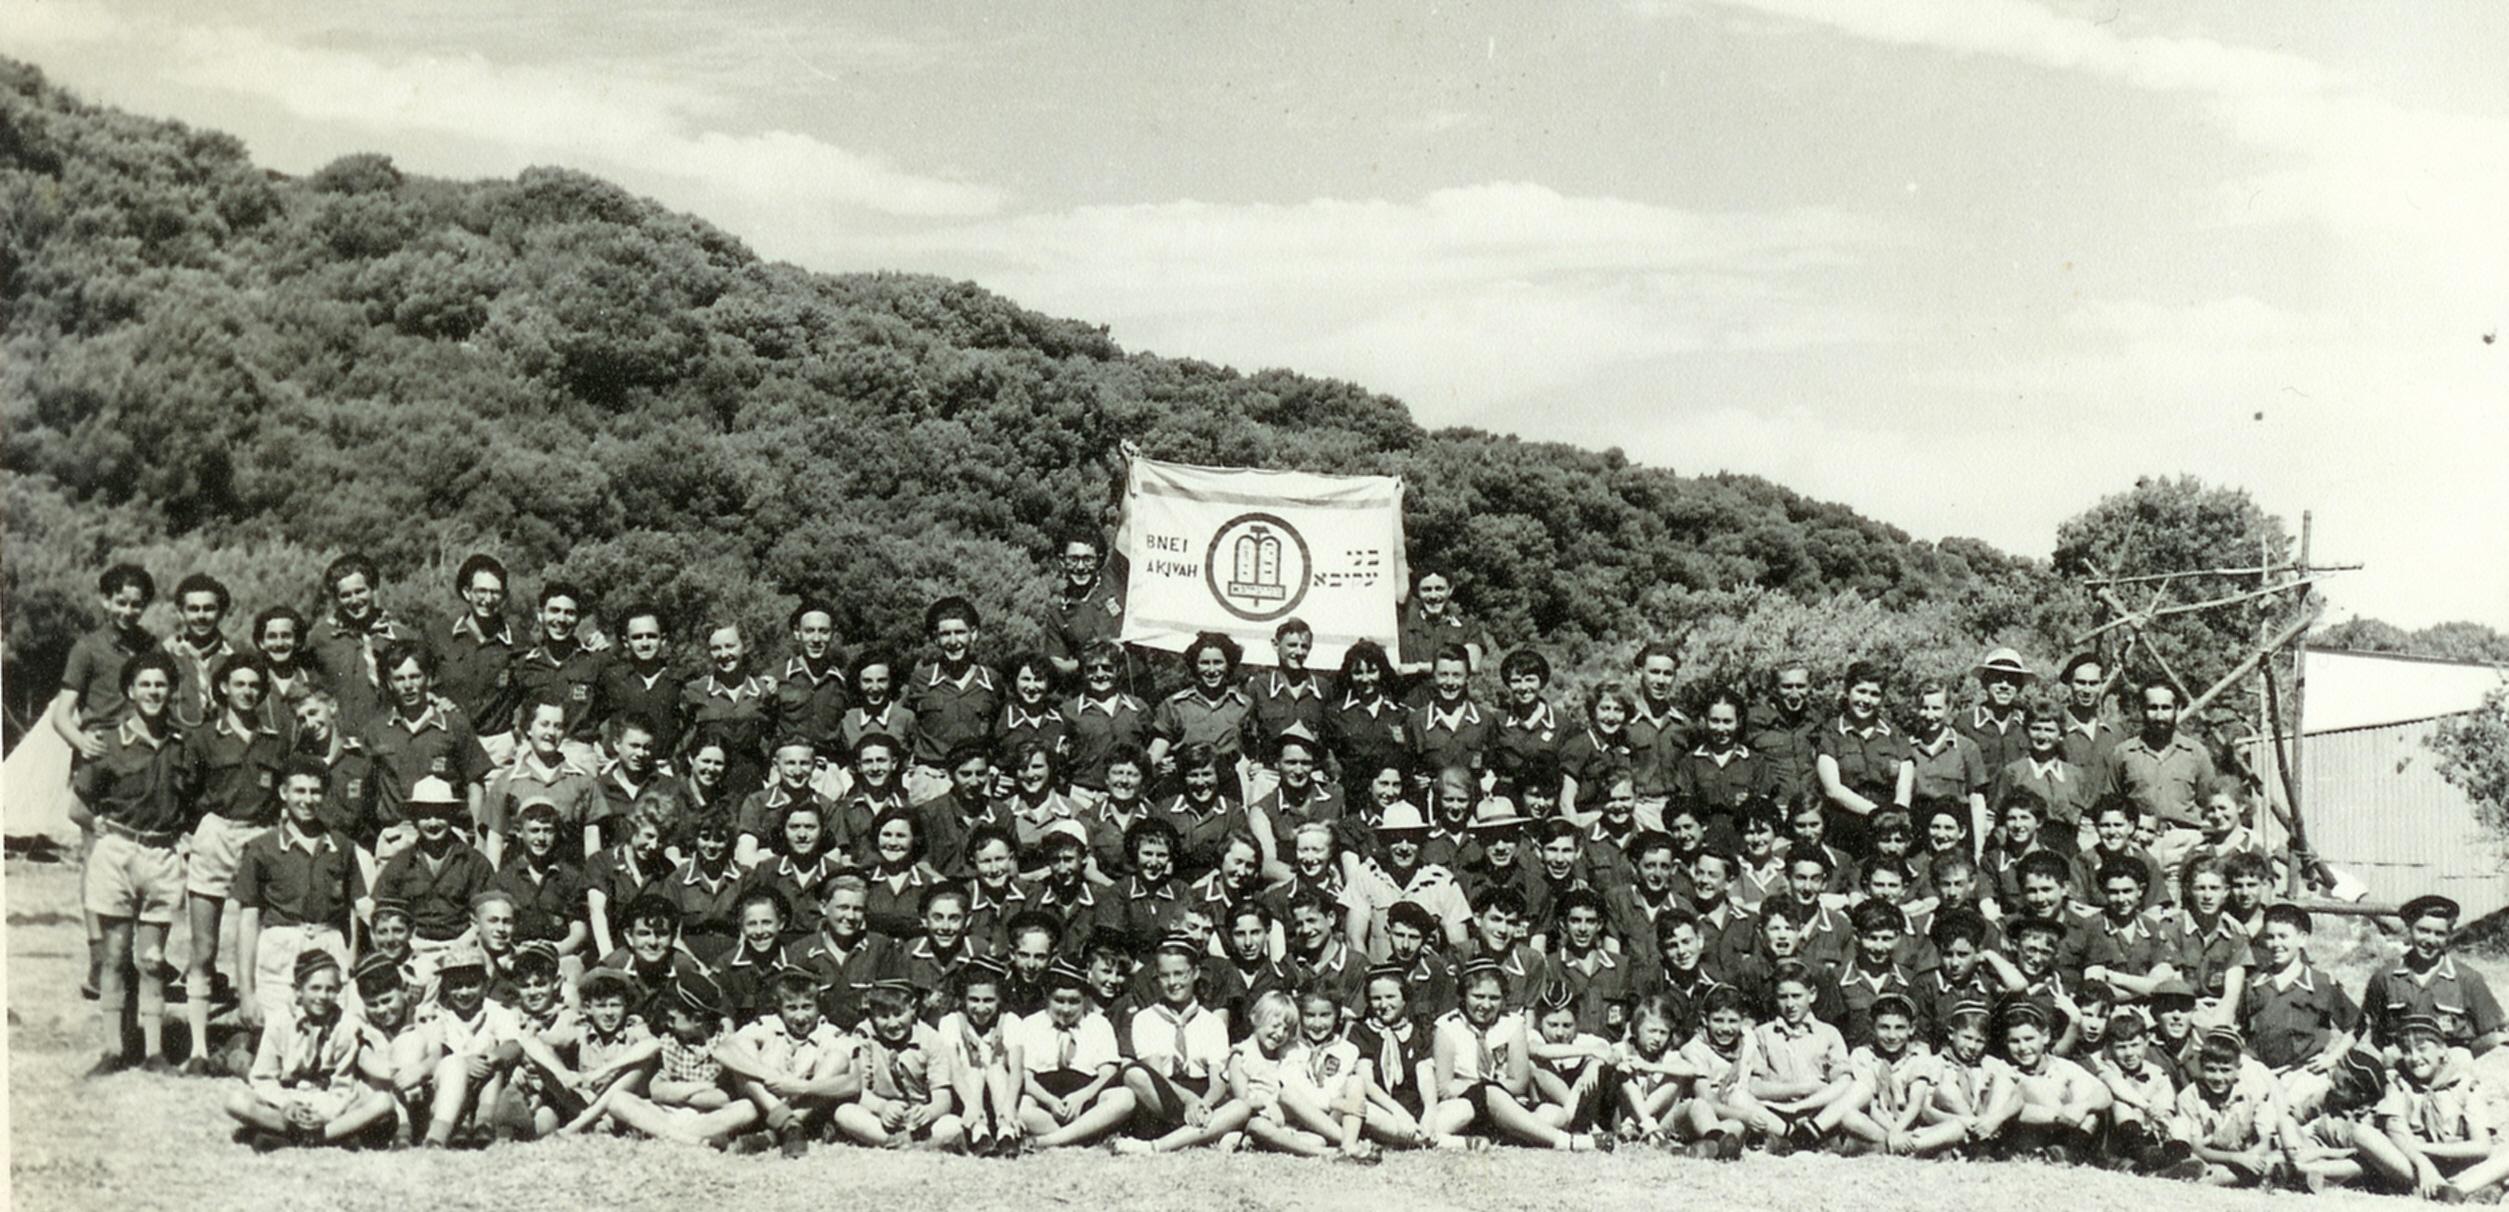 Glencairn CT 1954-'55